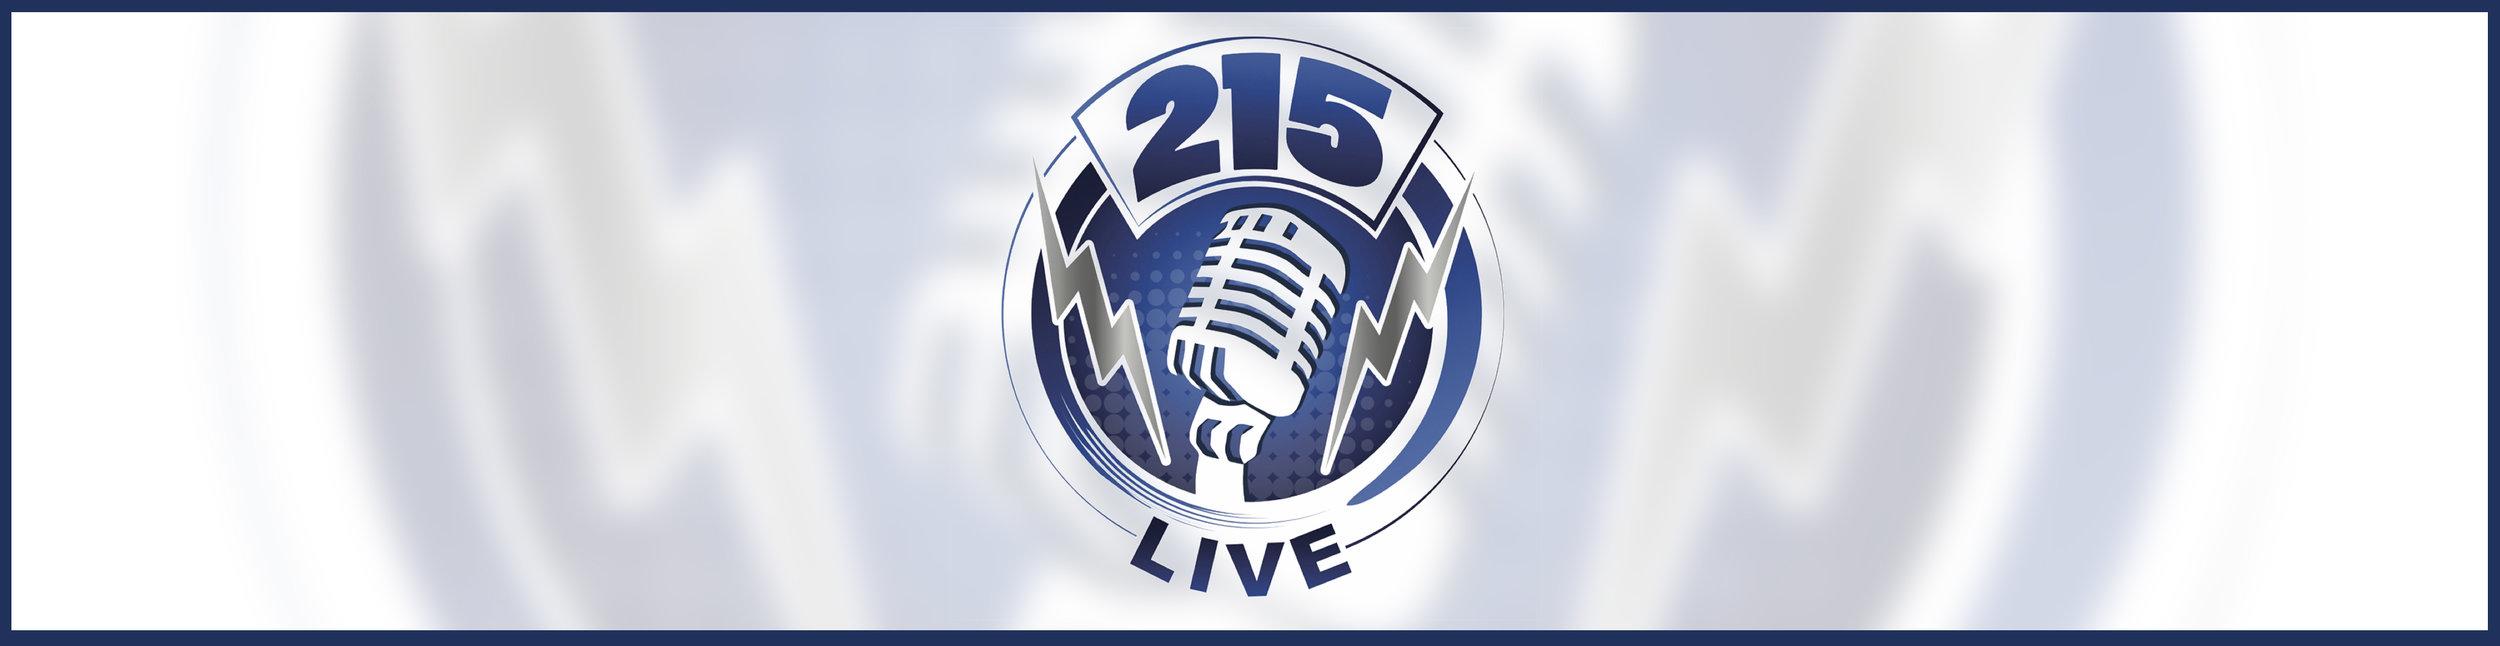 215 Live Banner.jpg